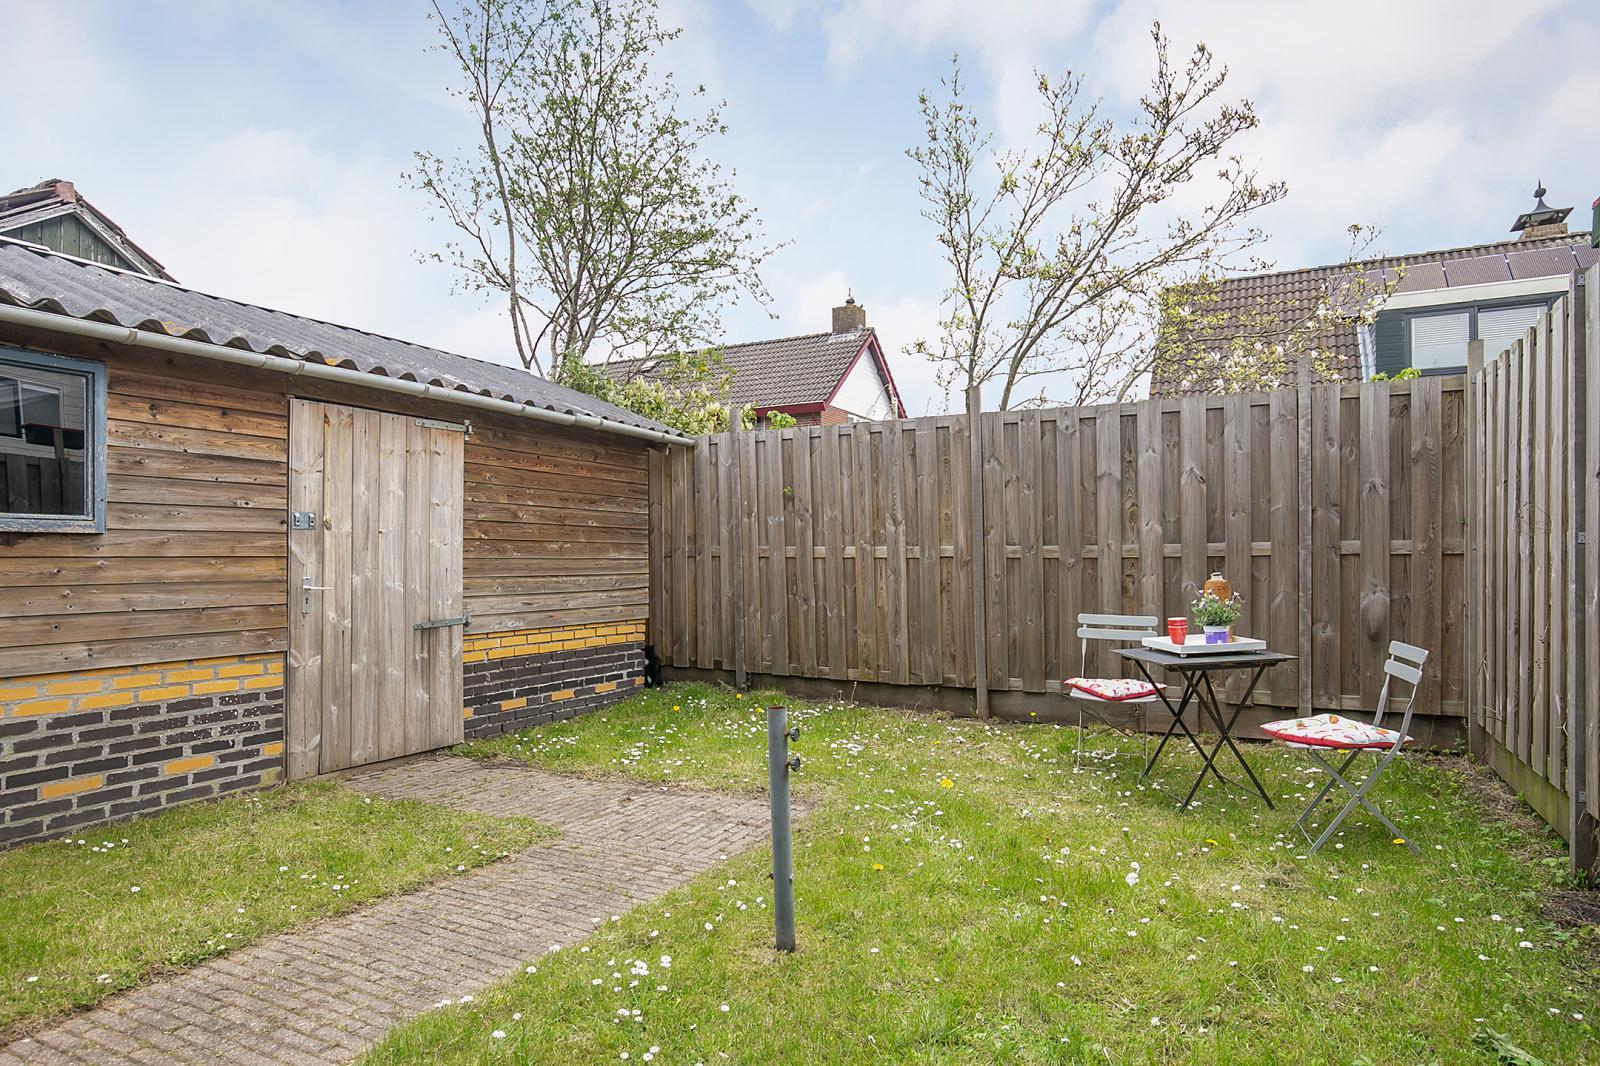 zeino-van-burmaniastrjitte-5-oppenhuizen-1216